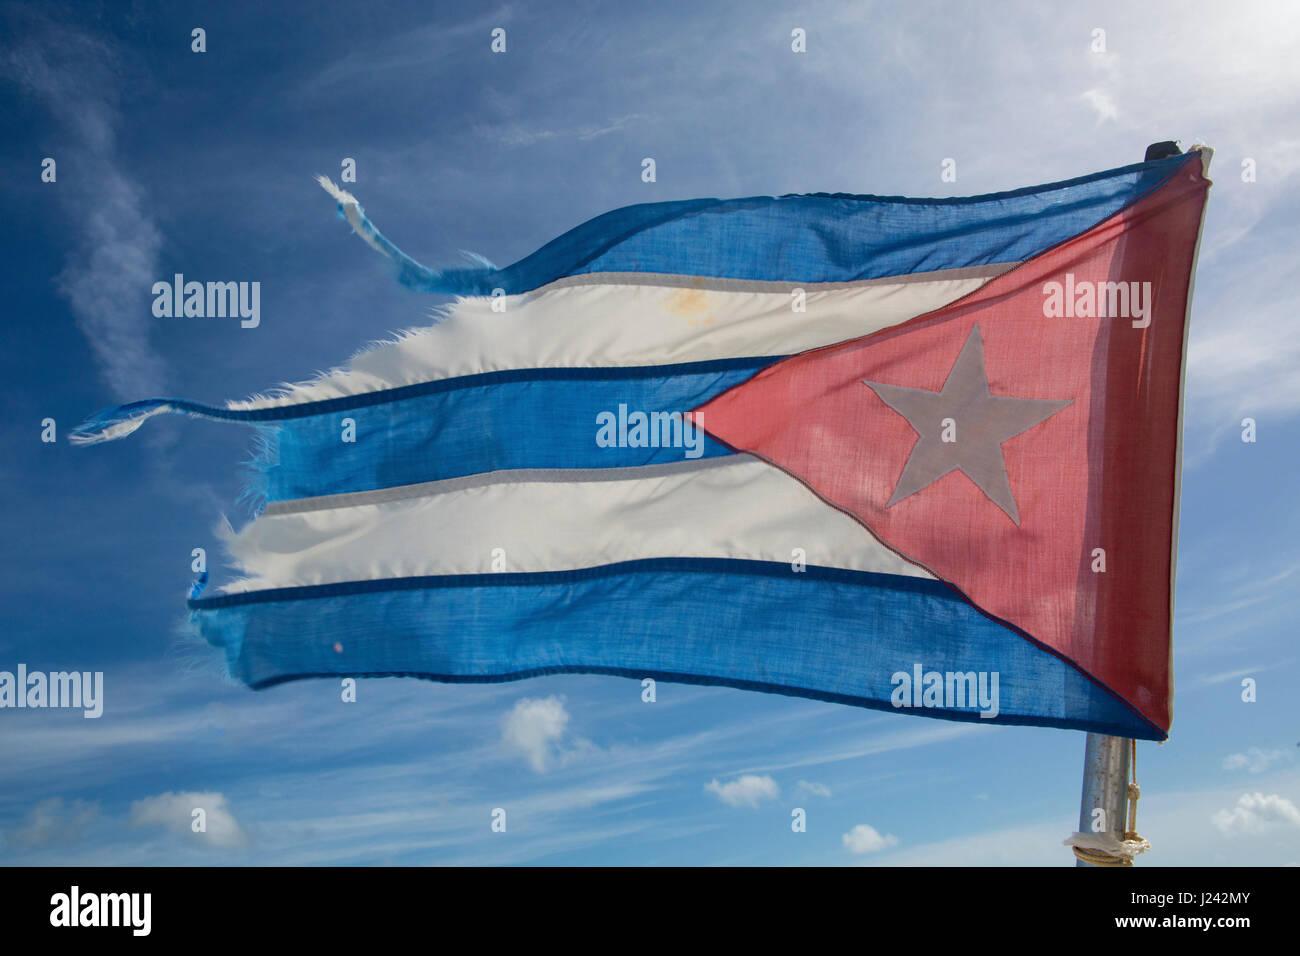 Die Flagge von Kuba, bestehend aus fünf Blitze und ein rotes gleichseitiges Dreieck mit einem weißen fünfzackigen Stockbild